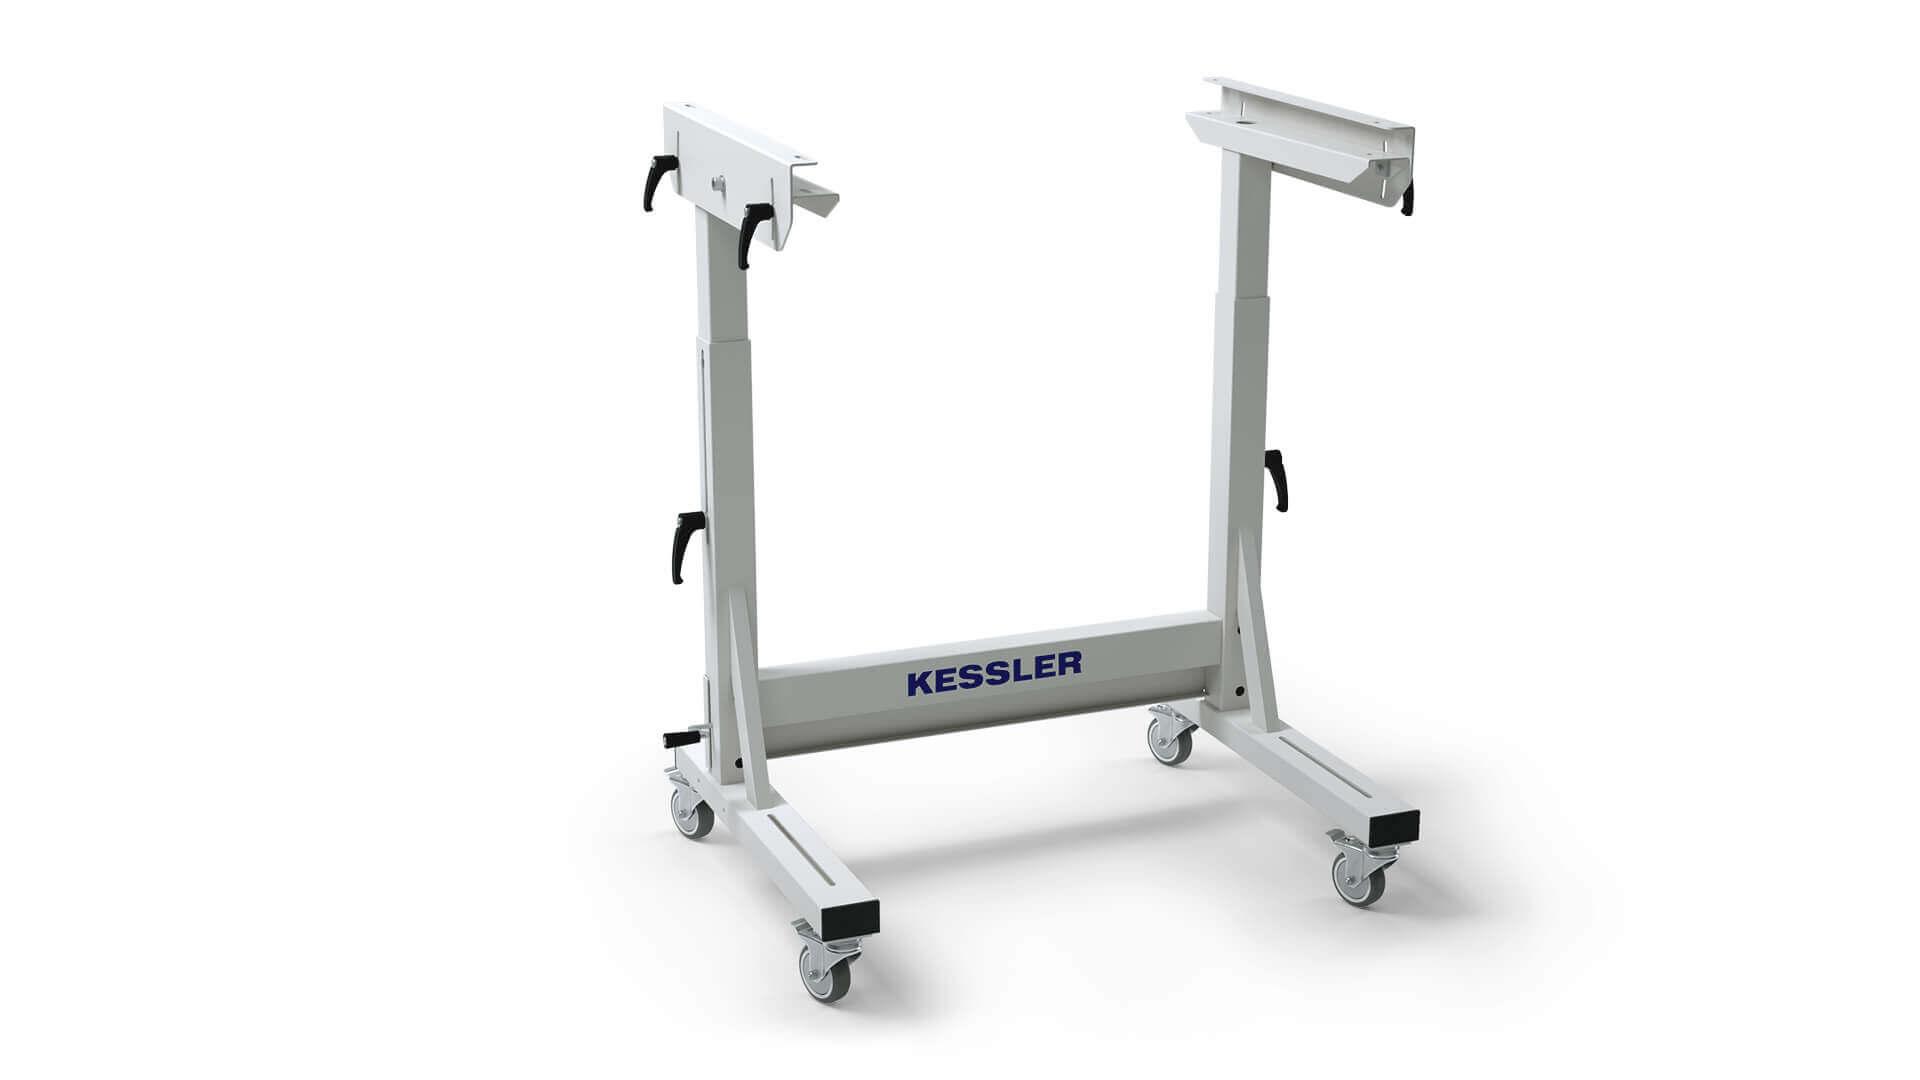 Nähmaschinen-Untergestell, Modellreihe KES-2100